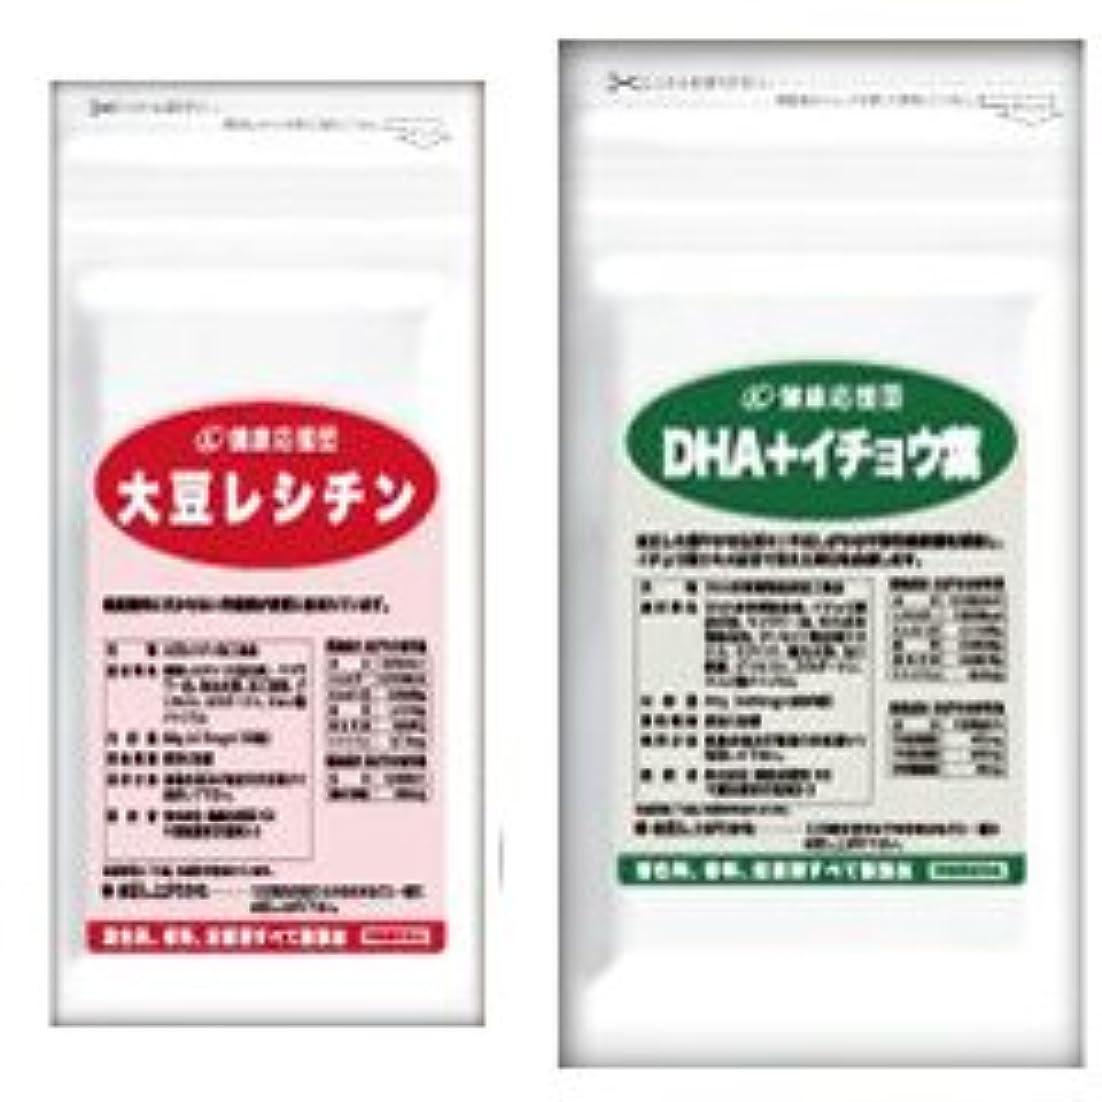 マーベル注入するメイド(お徳用3か月分)流れサラサラセット 大豆レシチン+(DHA+イチョウ葉)3袋&3袋セット(DHA?EPA?イチョウ葉)